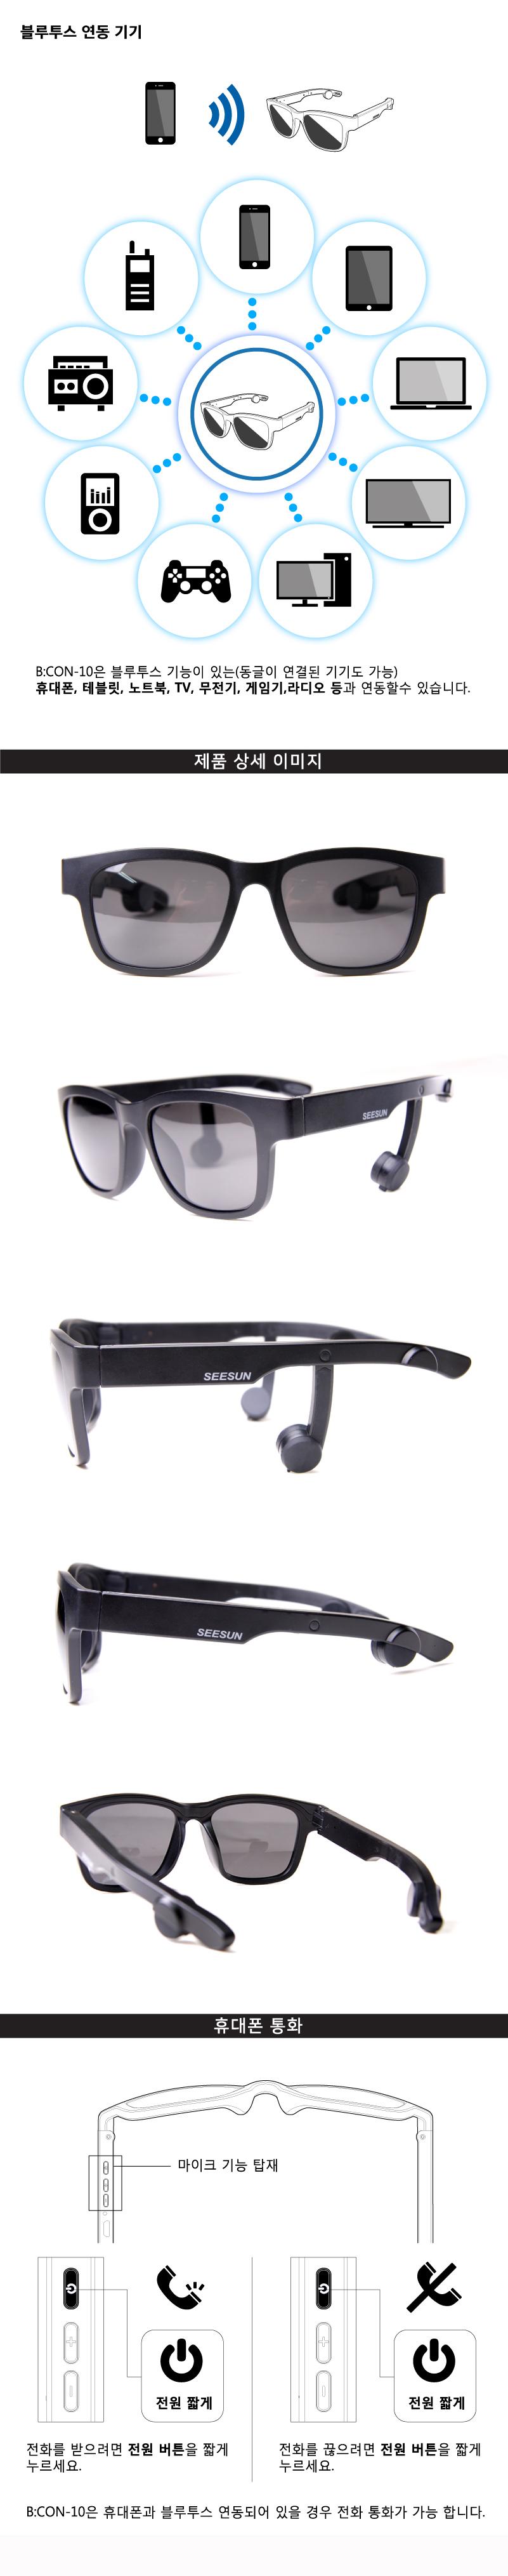 시선 BCON-10 블루투스 골전도 스마트 선글라스 블루미러편광렌즈 MADE IN KOREA